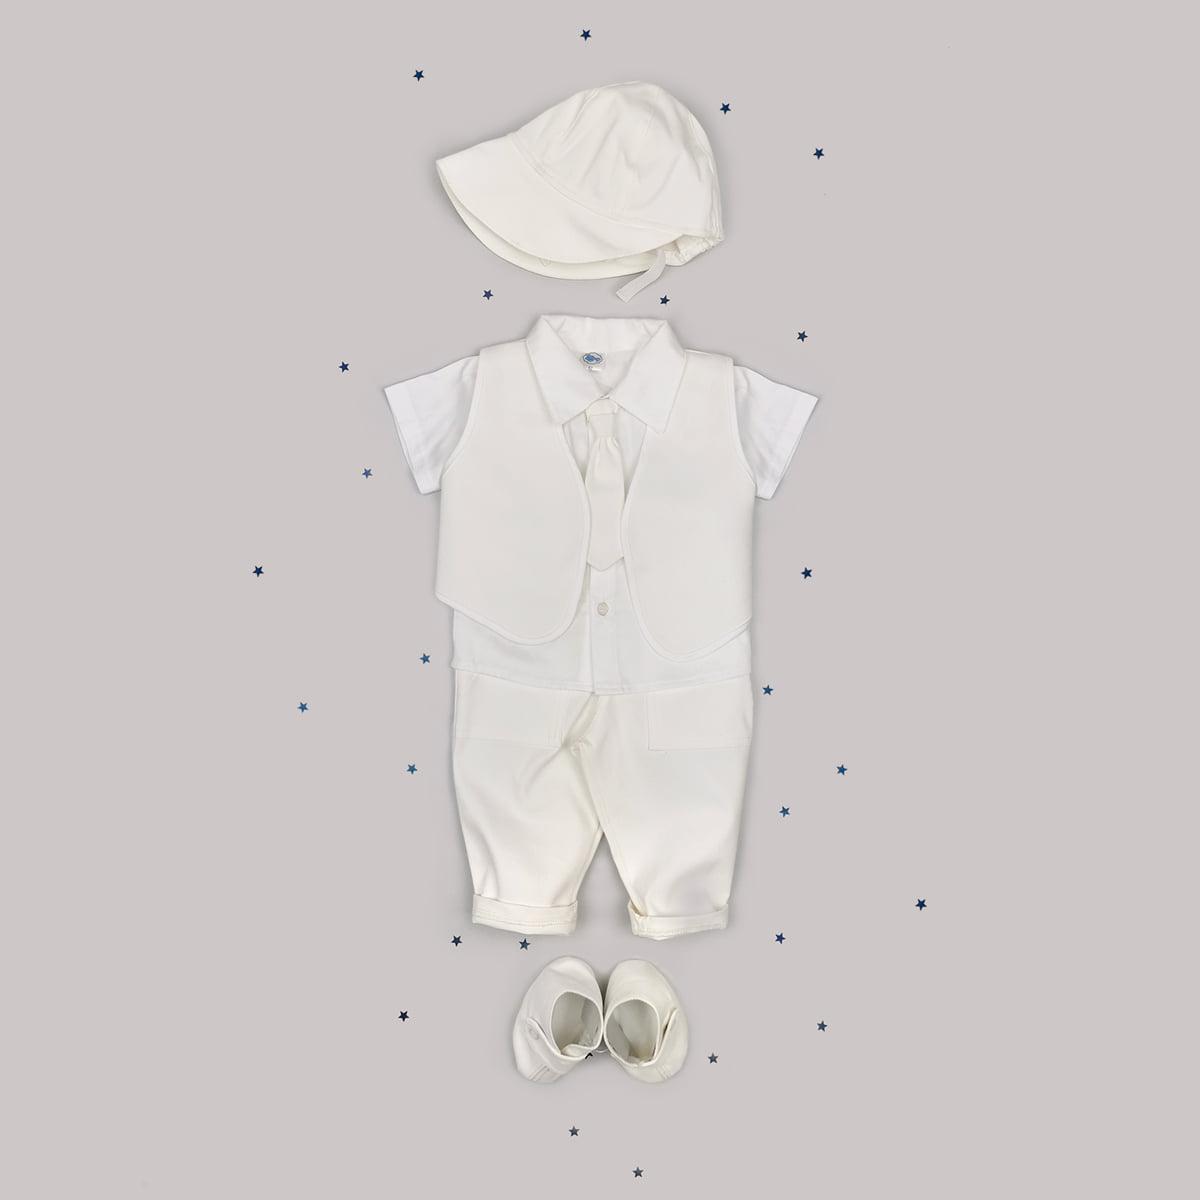 Bijelo odijelo za krštenje Mr. white